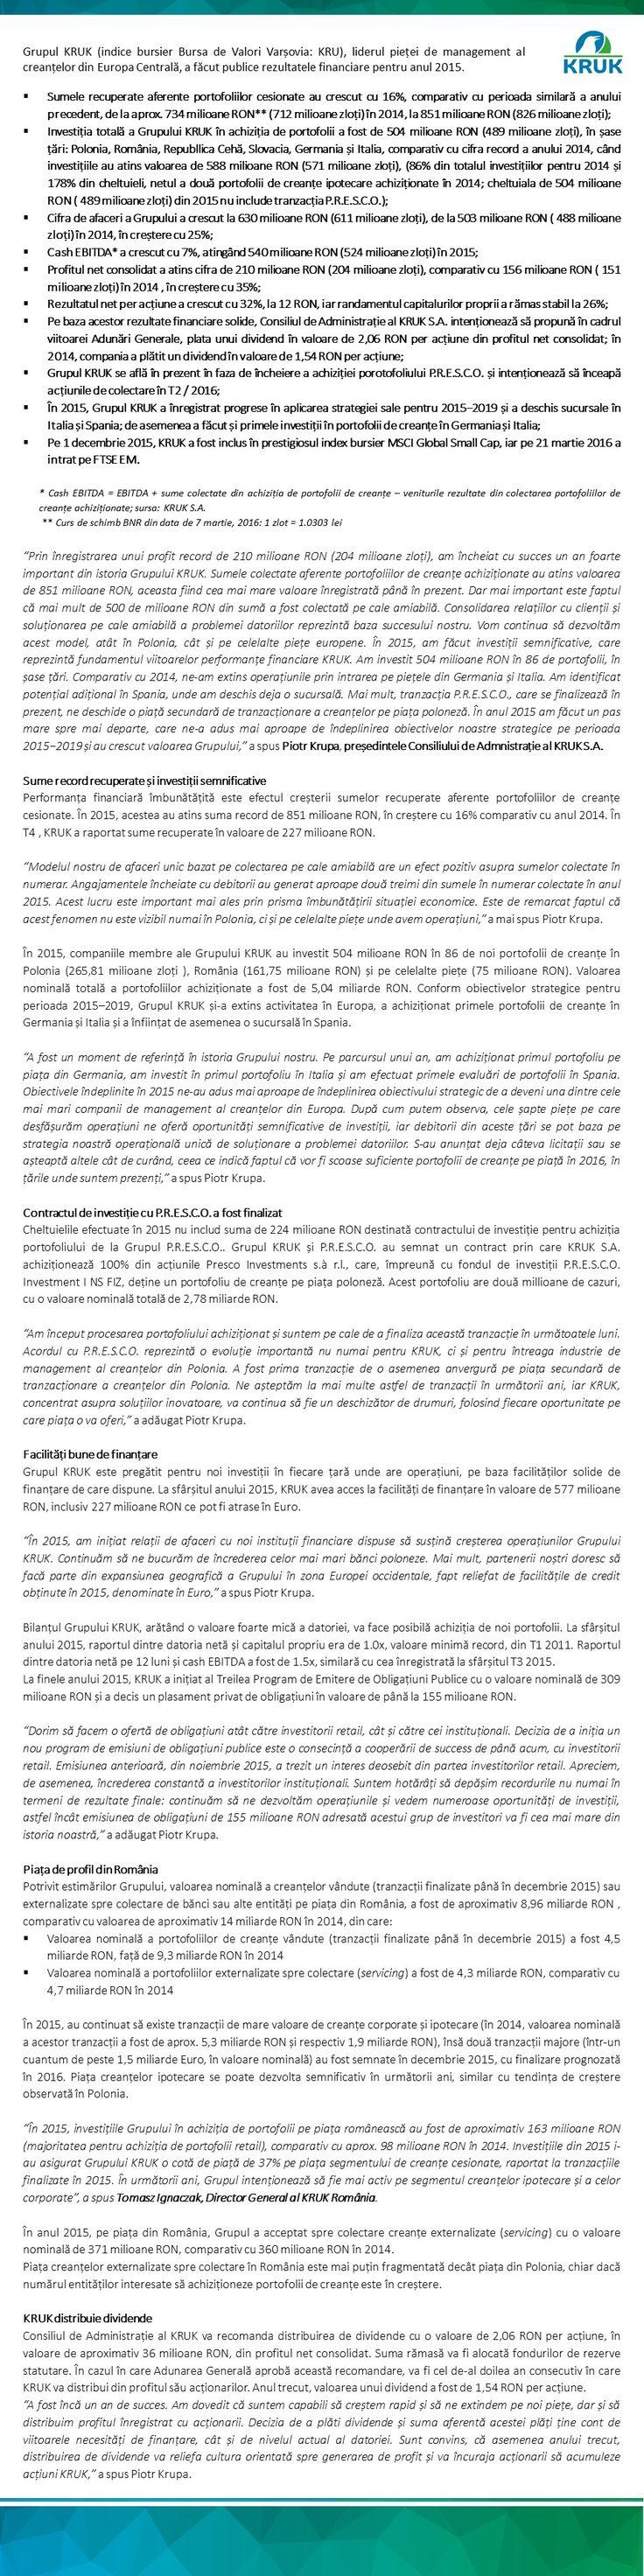 Mai multe detalii aici http://ro.kruk.eu/download/gfx/kruk/ro/defaultmultilistaplikow/47/47/1/comunicat_de_pres_rezultate_financiare_2015_grupul_kruk.docx